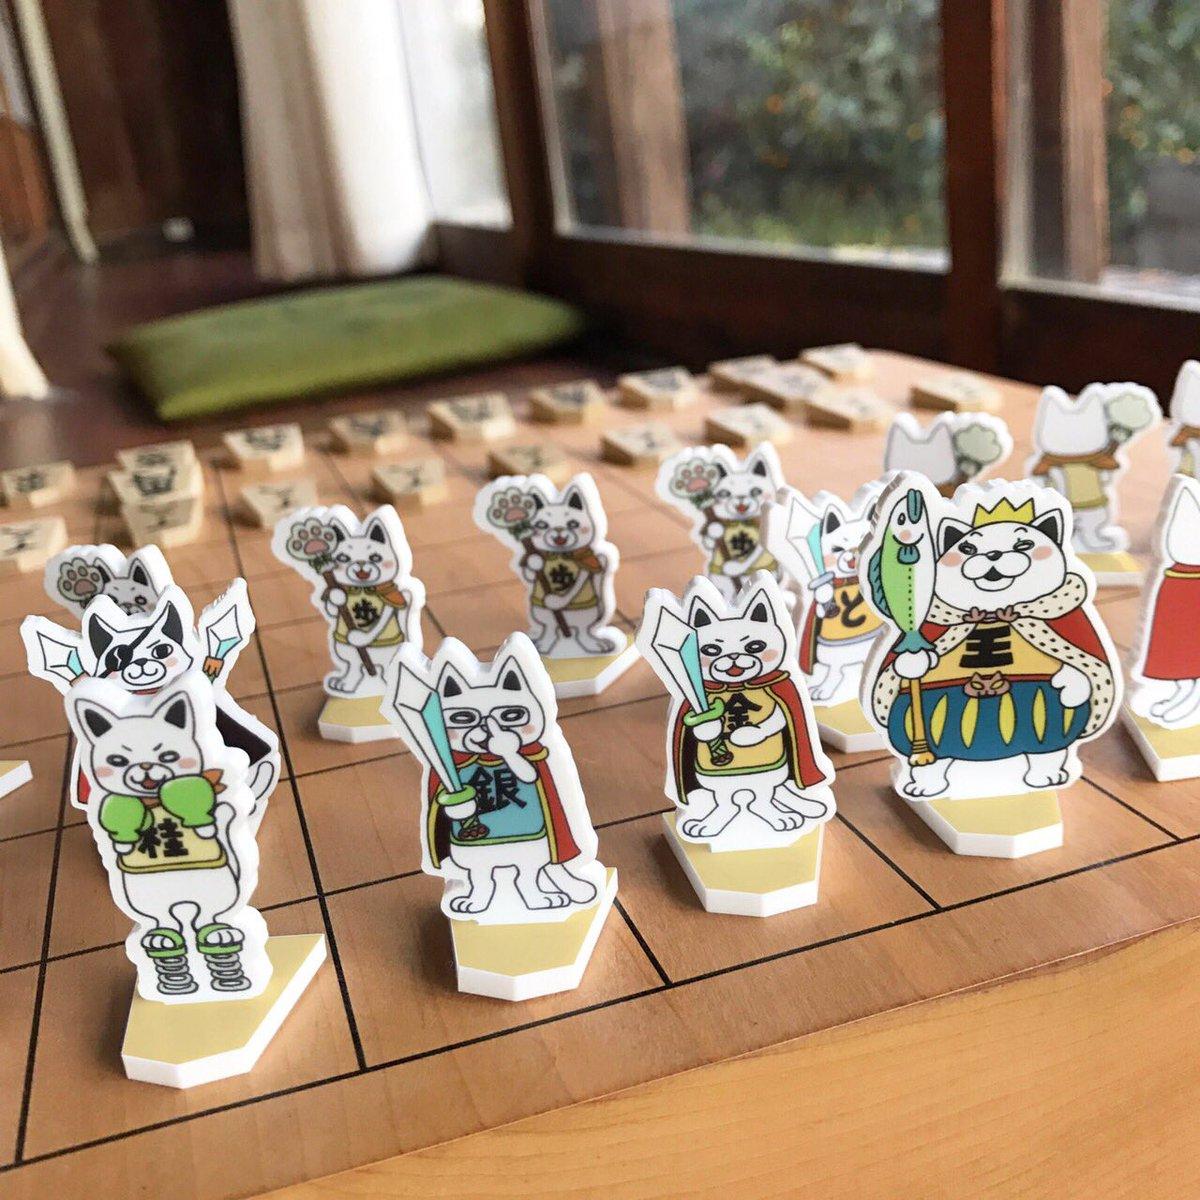 【3月のライオン】二海堂くんもきっとビックリ👀!ホントにさせる!ニャー将棋音頭が話題のニャー将棋が、ビックリなアクリルス